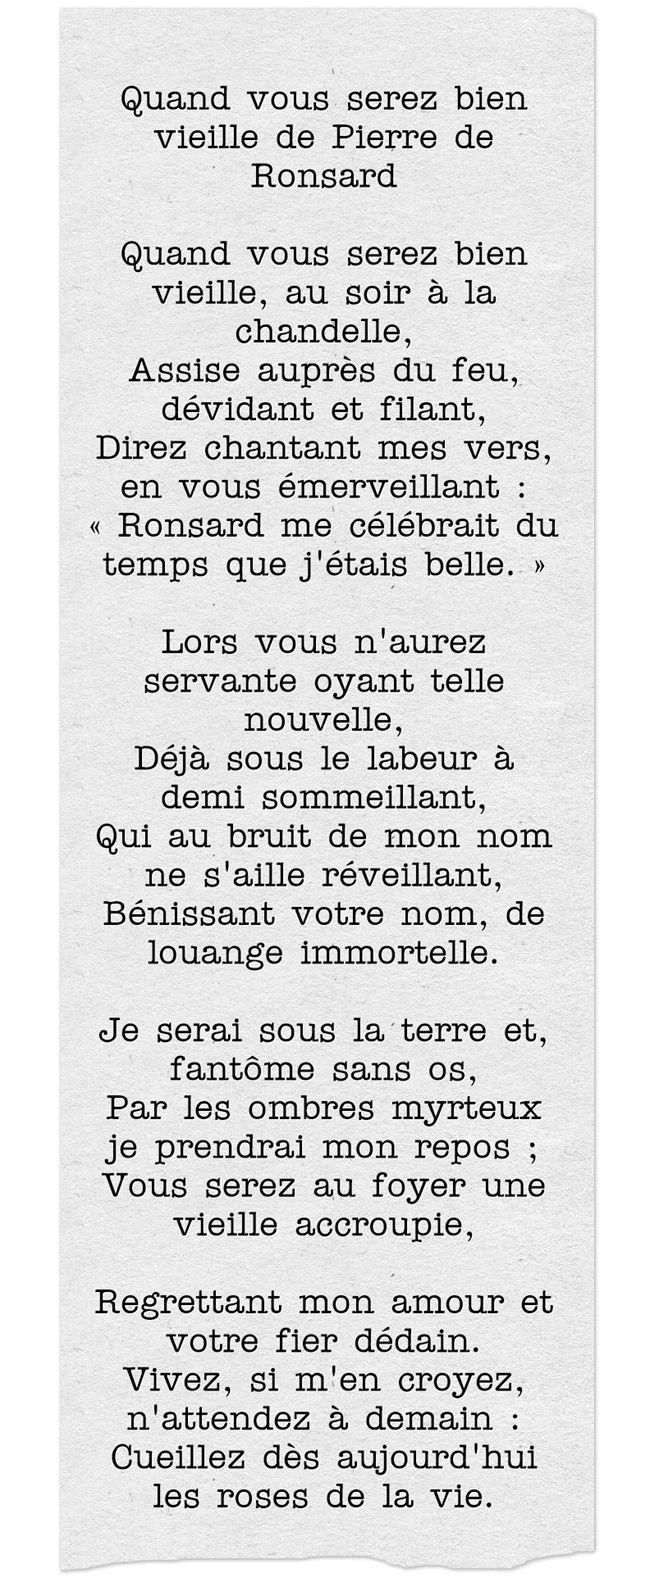 Quand Vous Serez Bien Vieille De Pierre De Ronsard Poeme